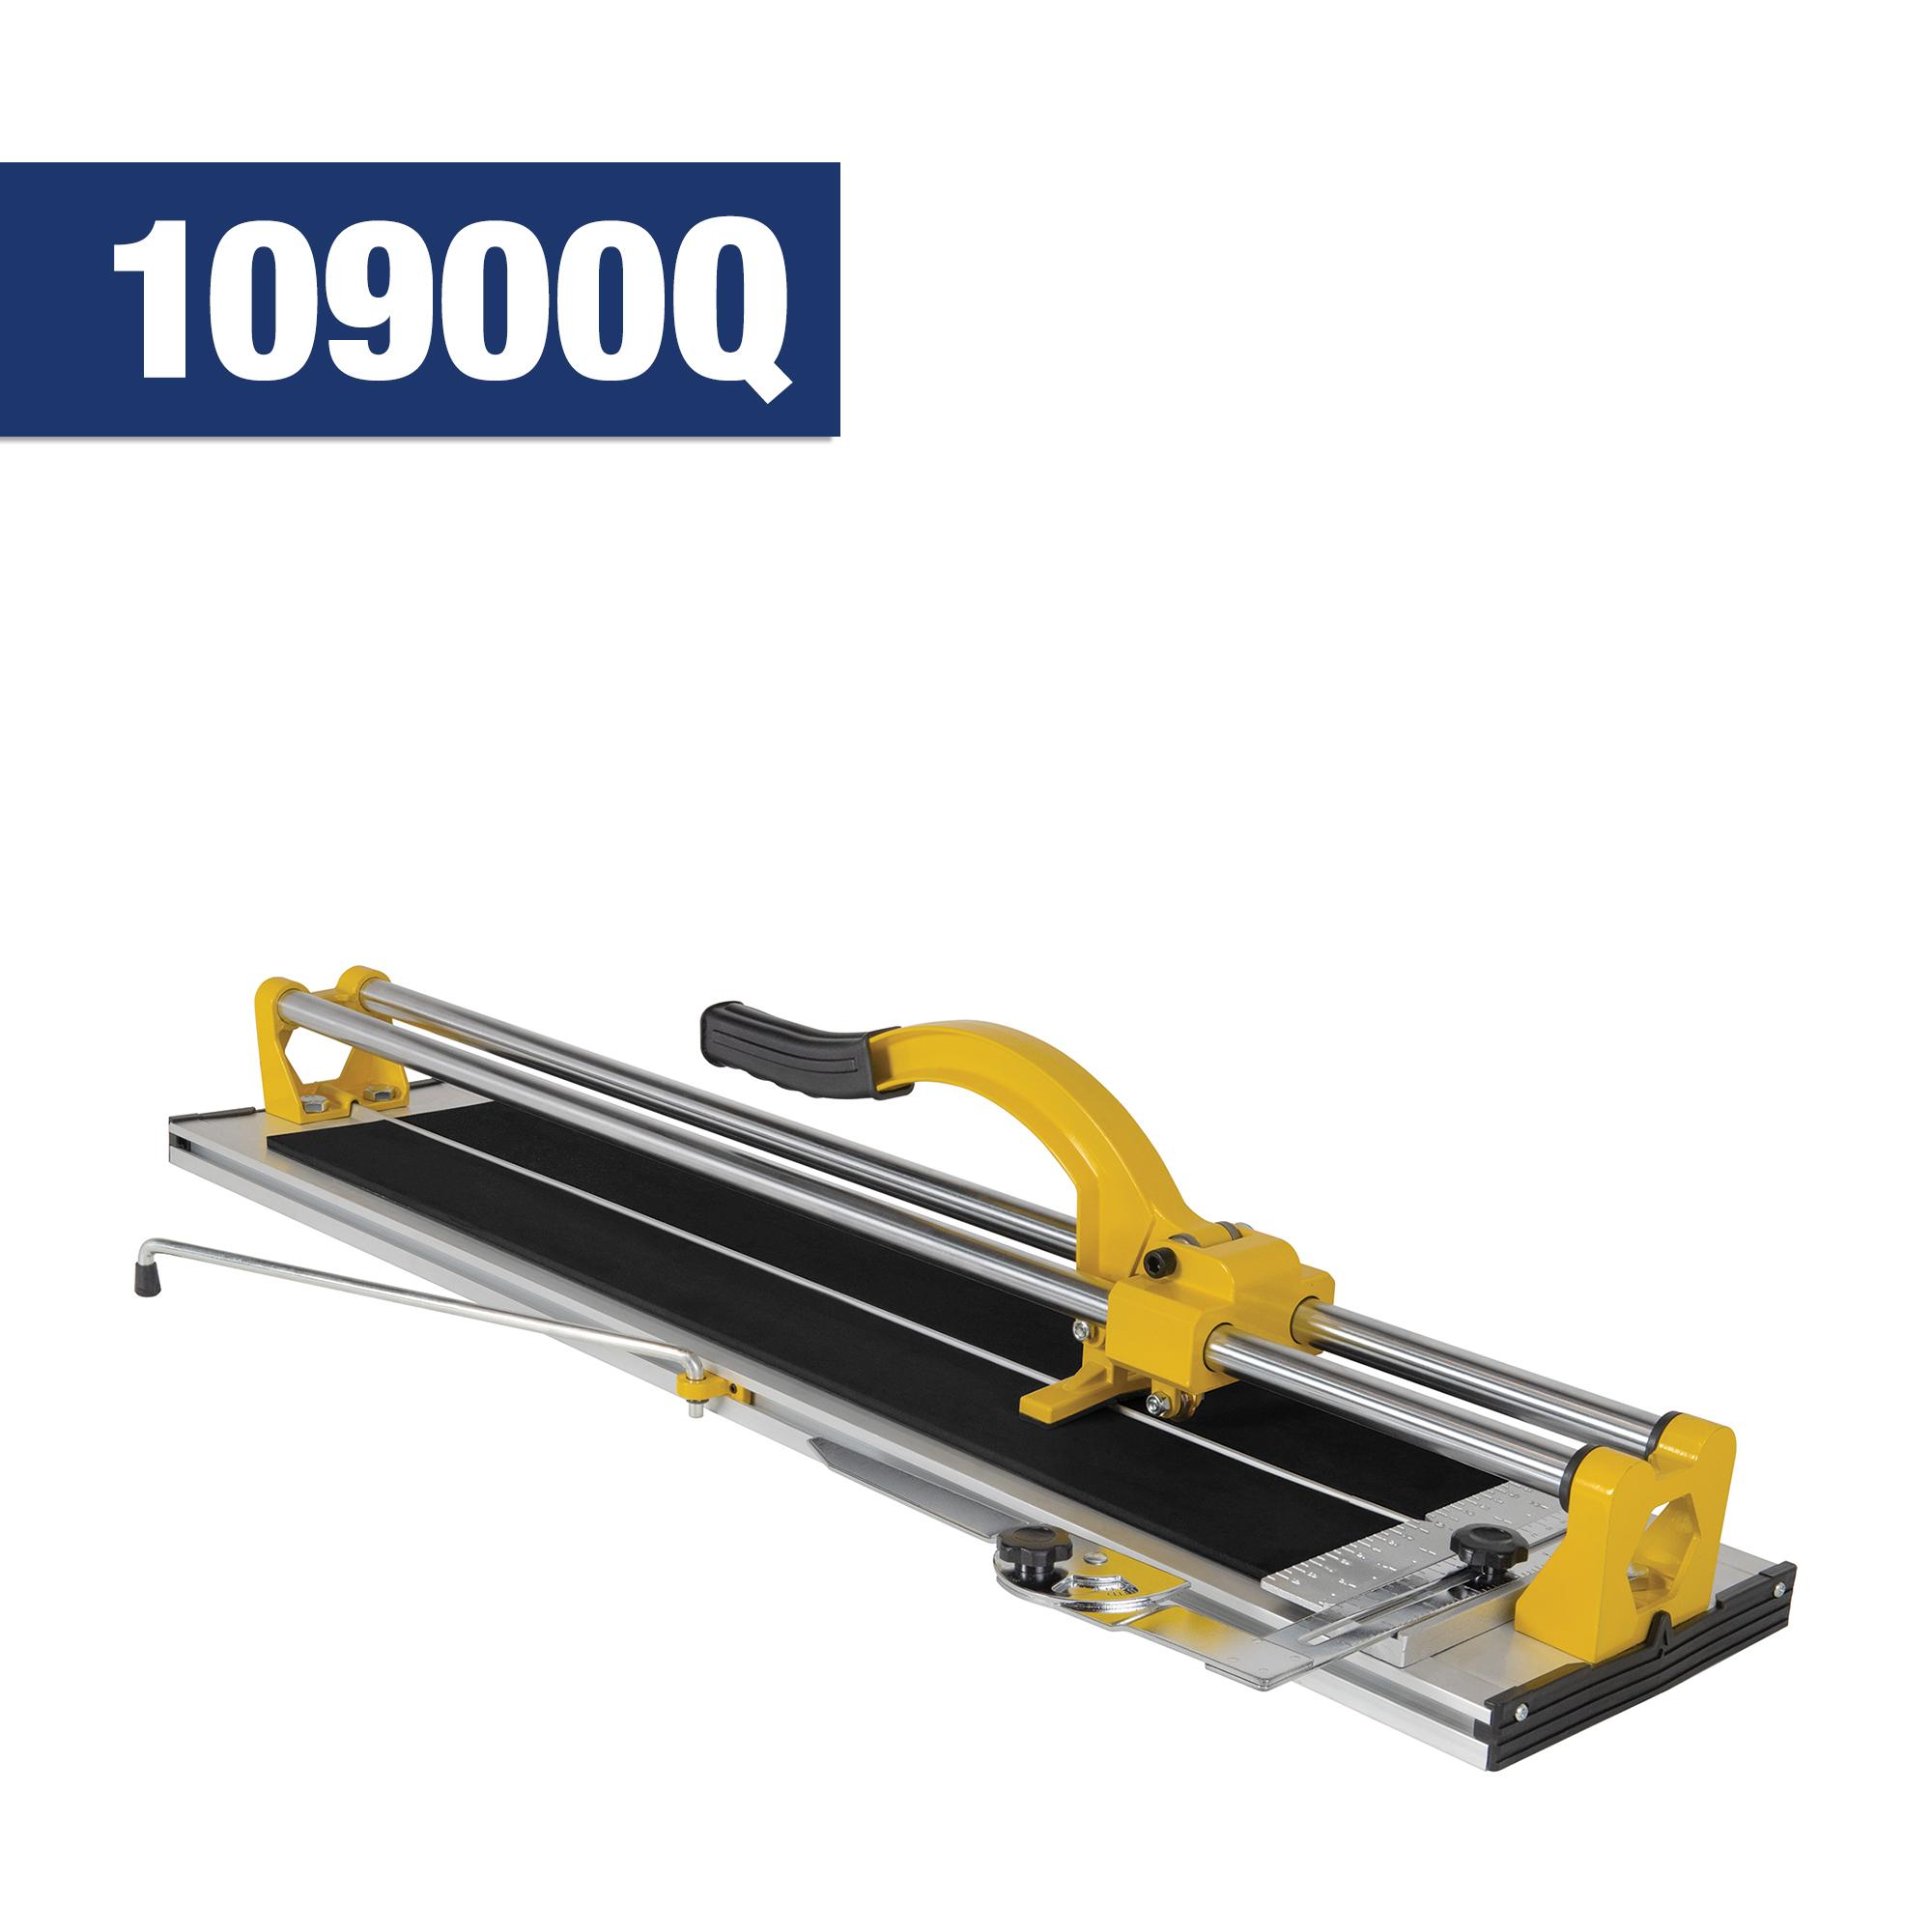 35 900 mm professional tile cutter qep